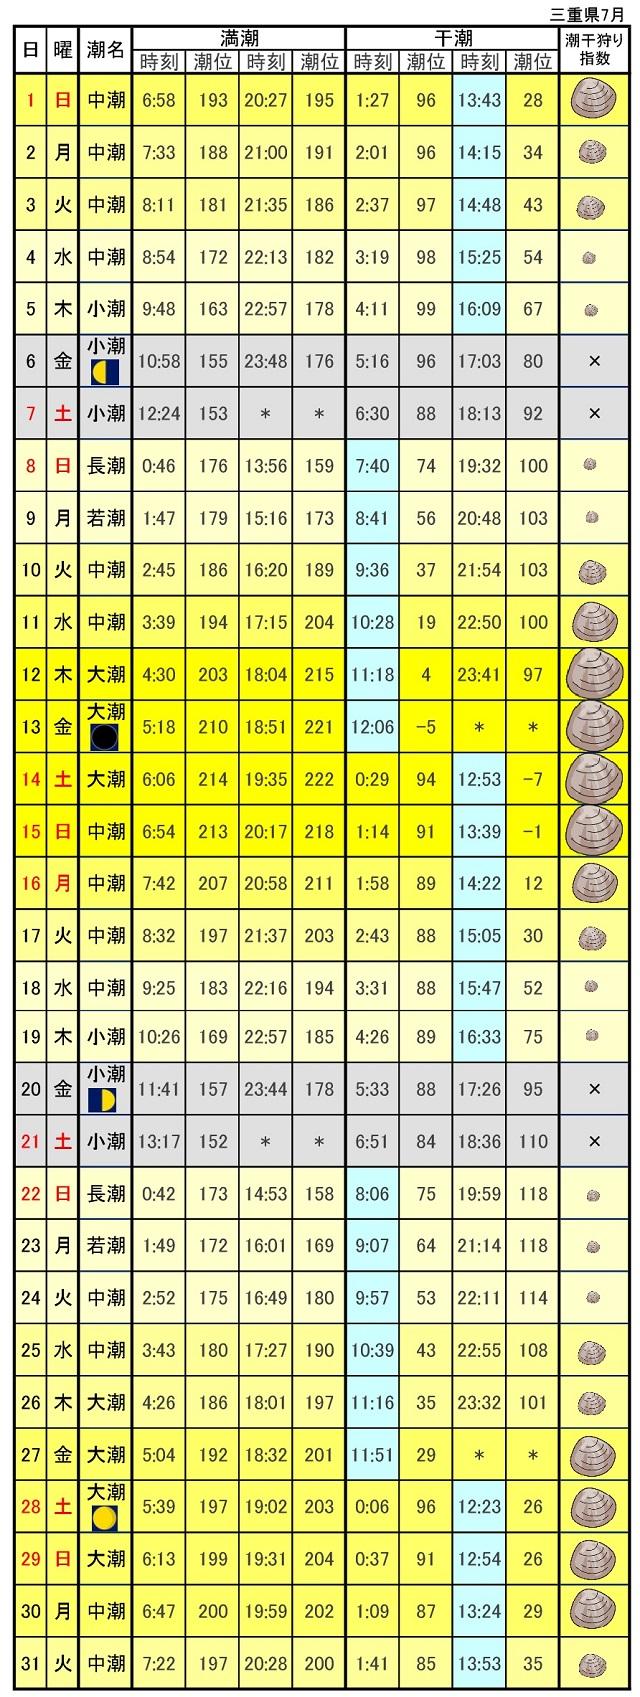 三重県潮干狩りカレンダー2018年7月